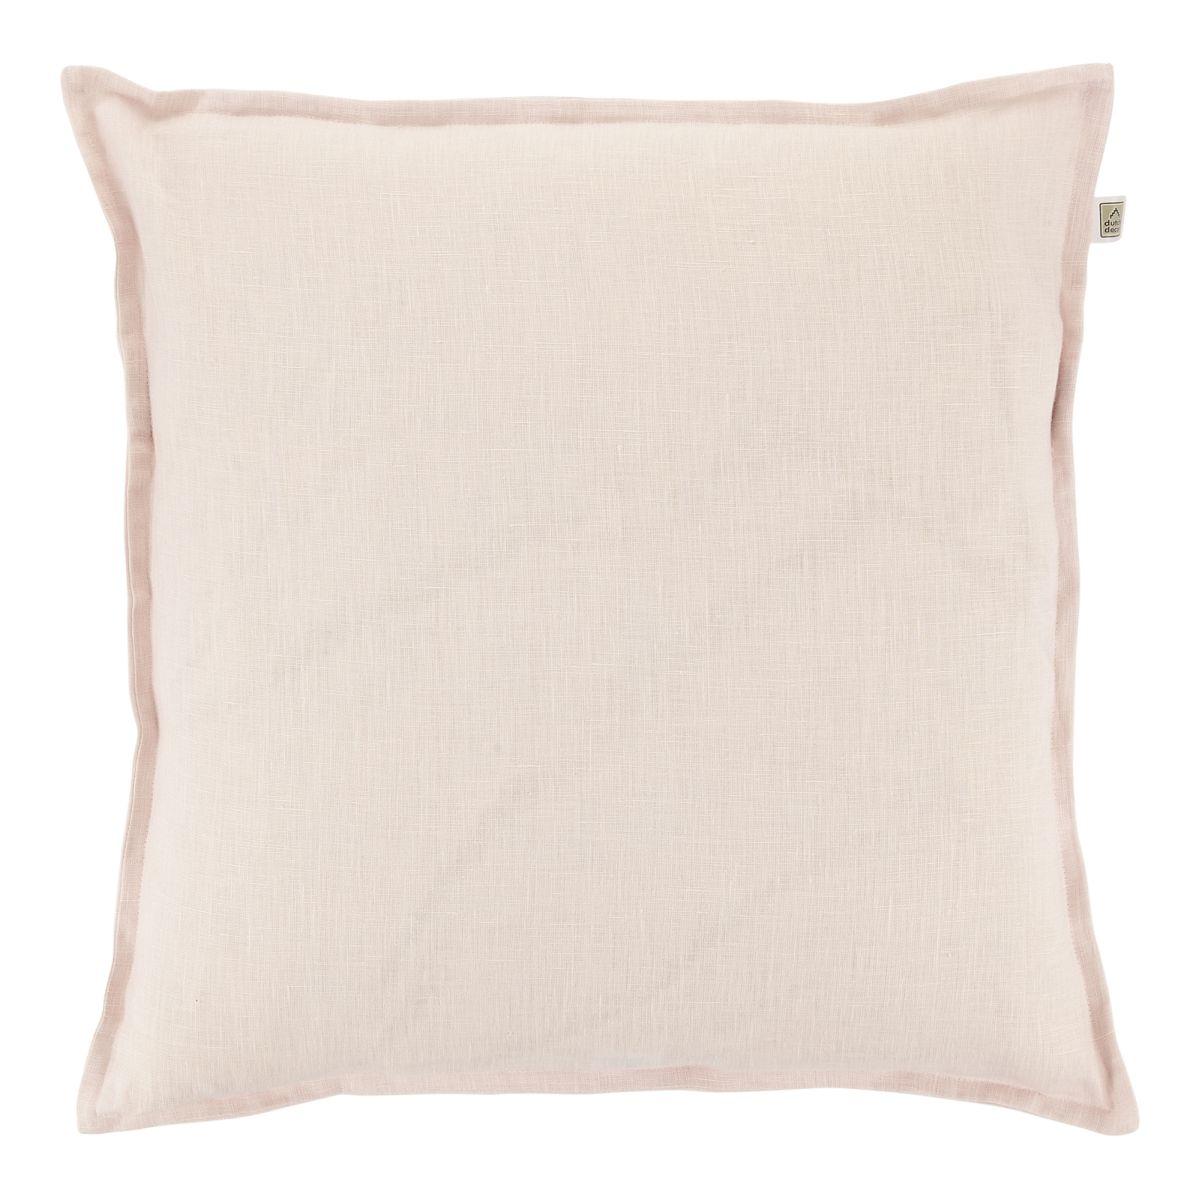 Kussen Linnen 45x45cm licht roze